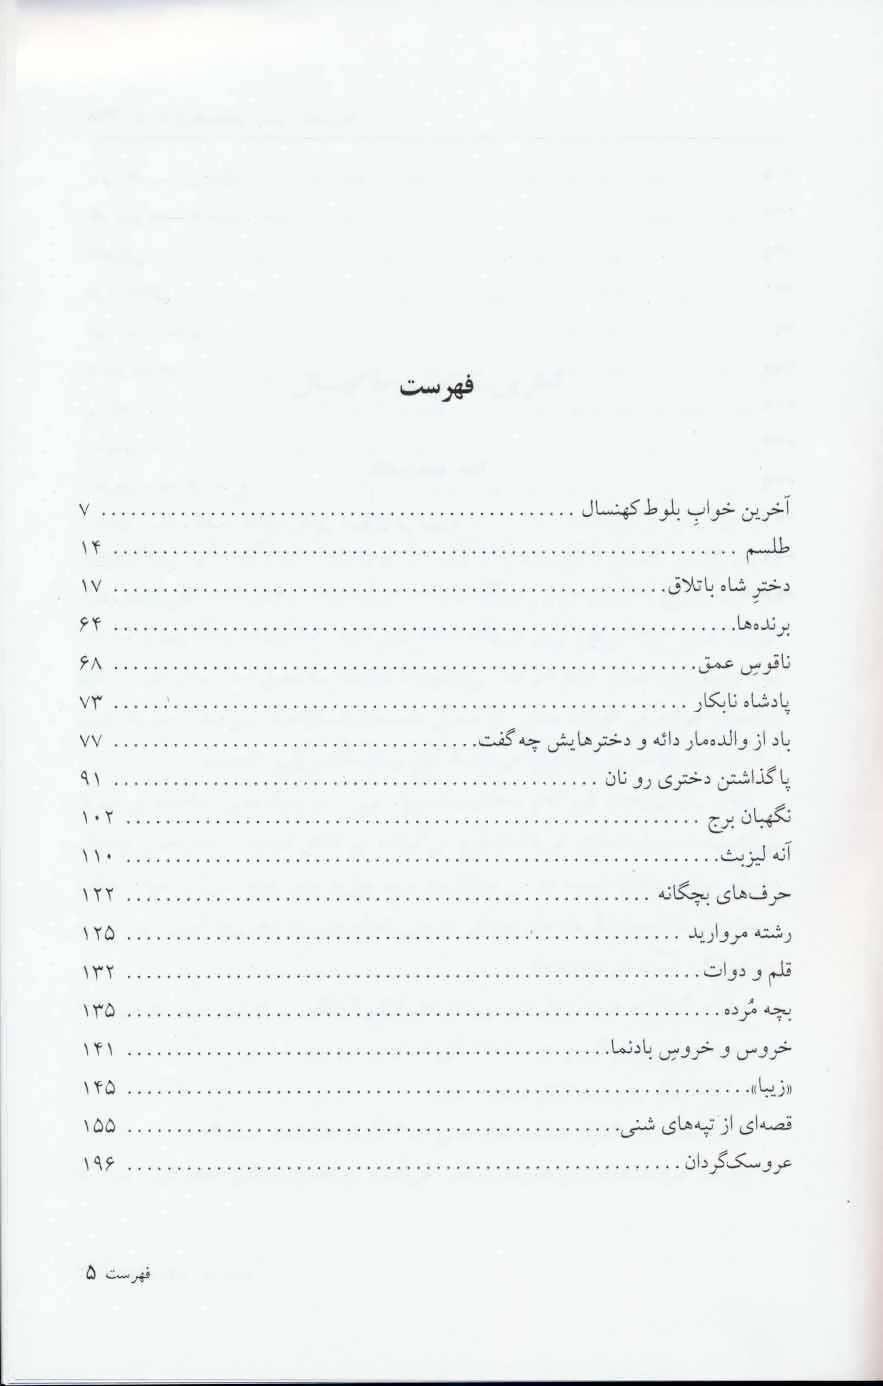 مجموعه داستان های هانس کریستین آندرسن (4جلدی،باقاب)